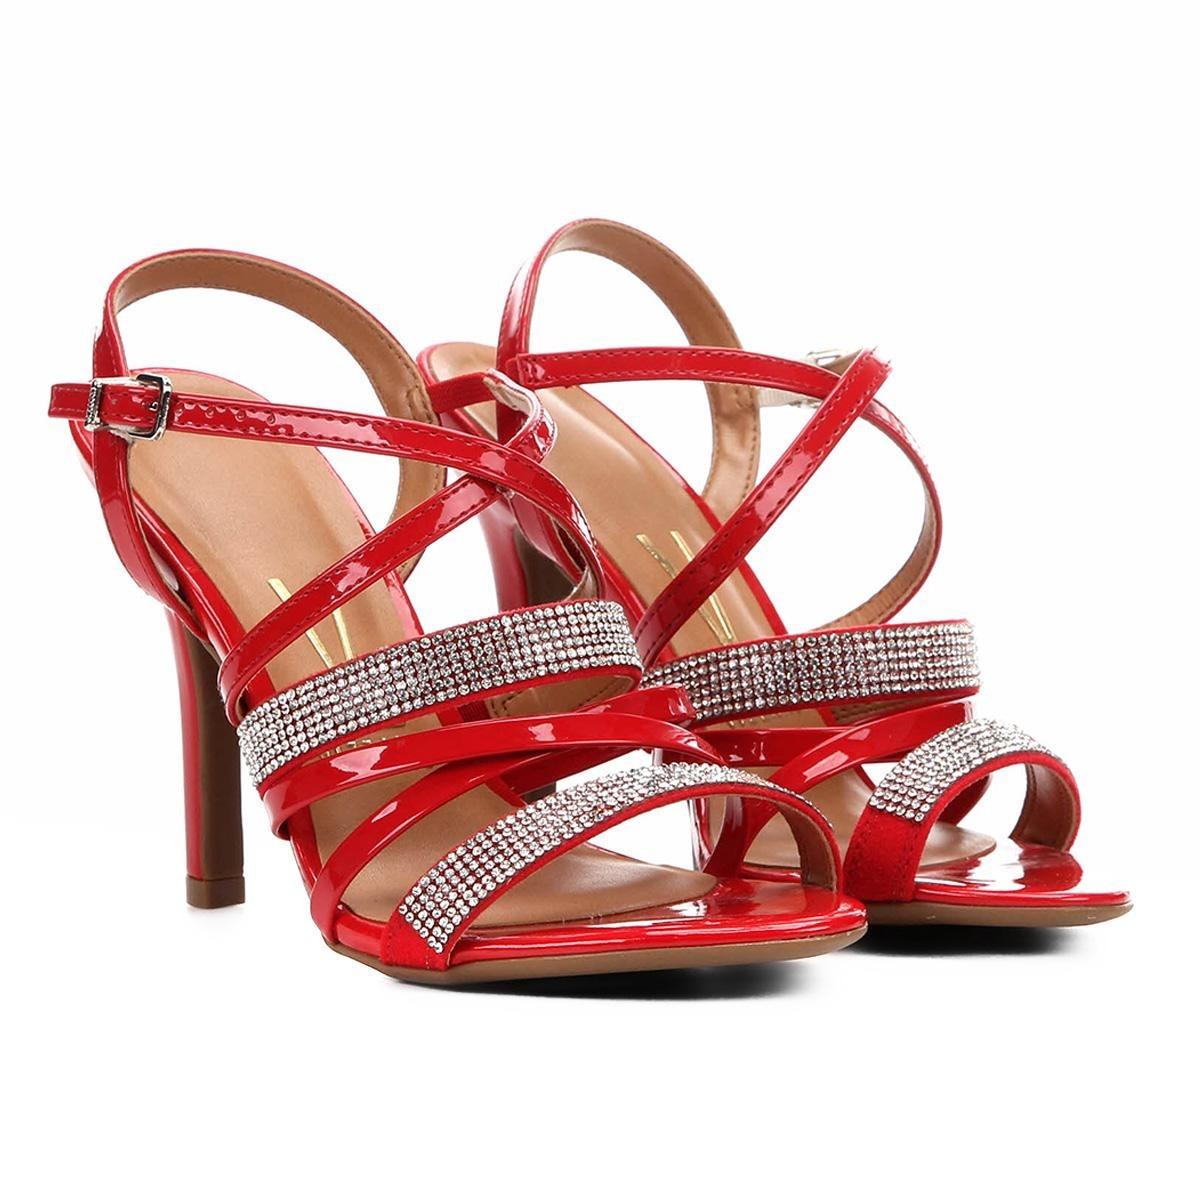 c59e4e8c55 sandália vizzano salto fino multi tiras hotfix feminina. Carregando zoom.